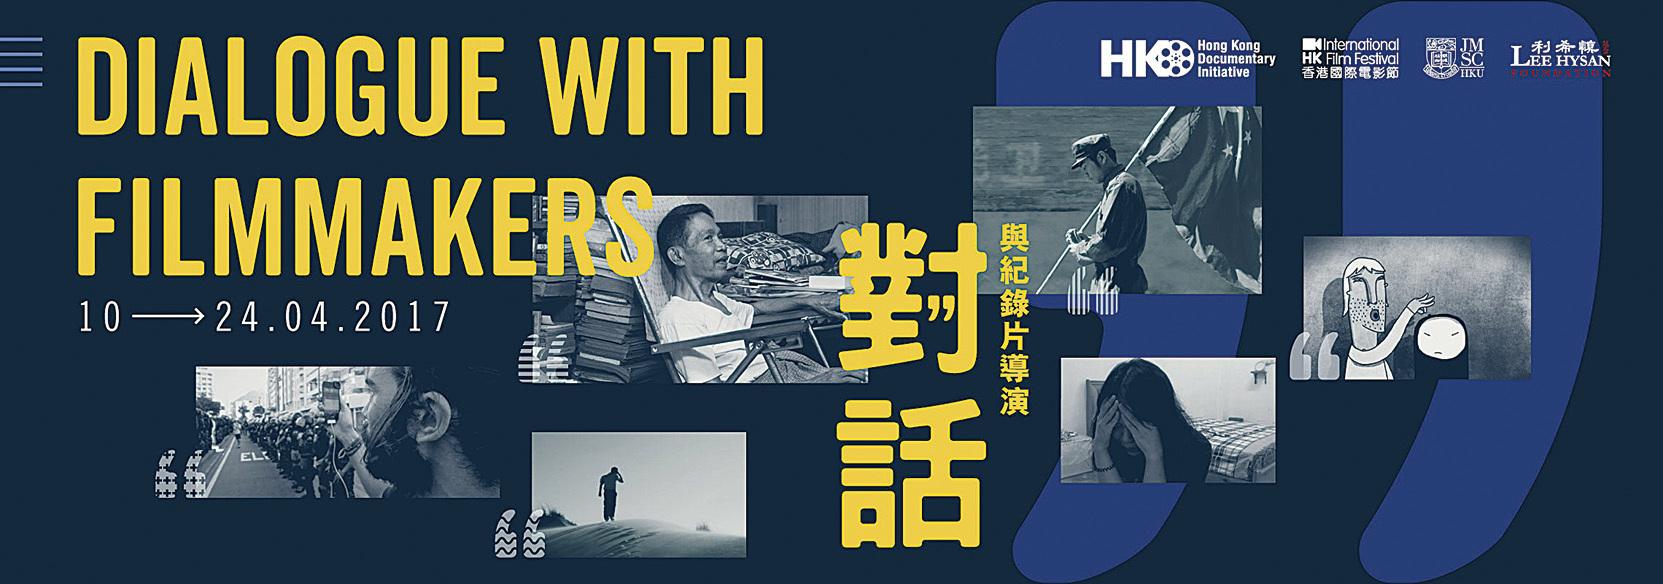 第四十一屆香港國際電影節紀錄片活動預告